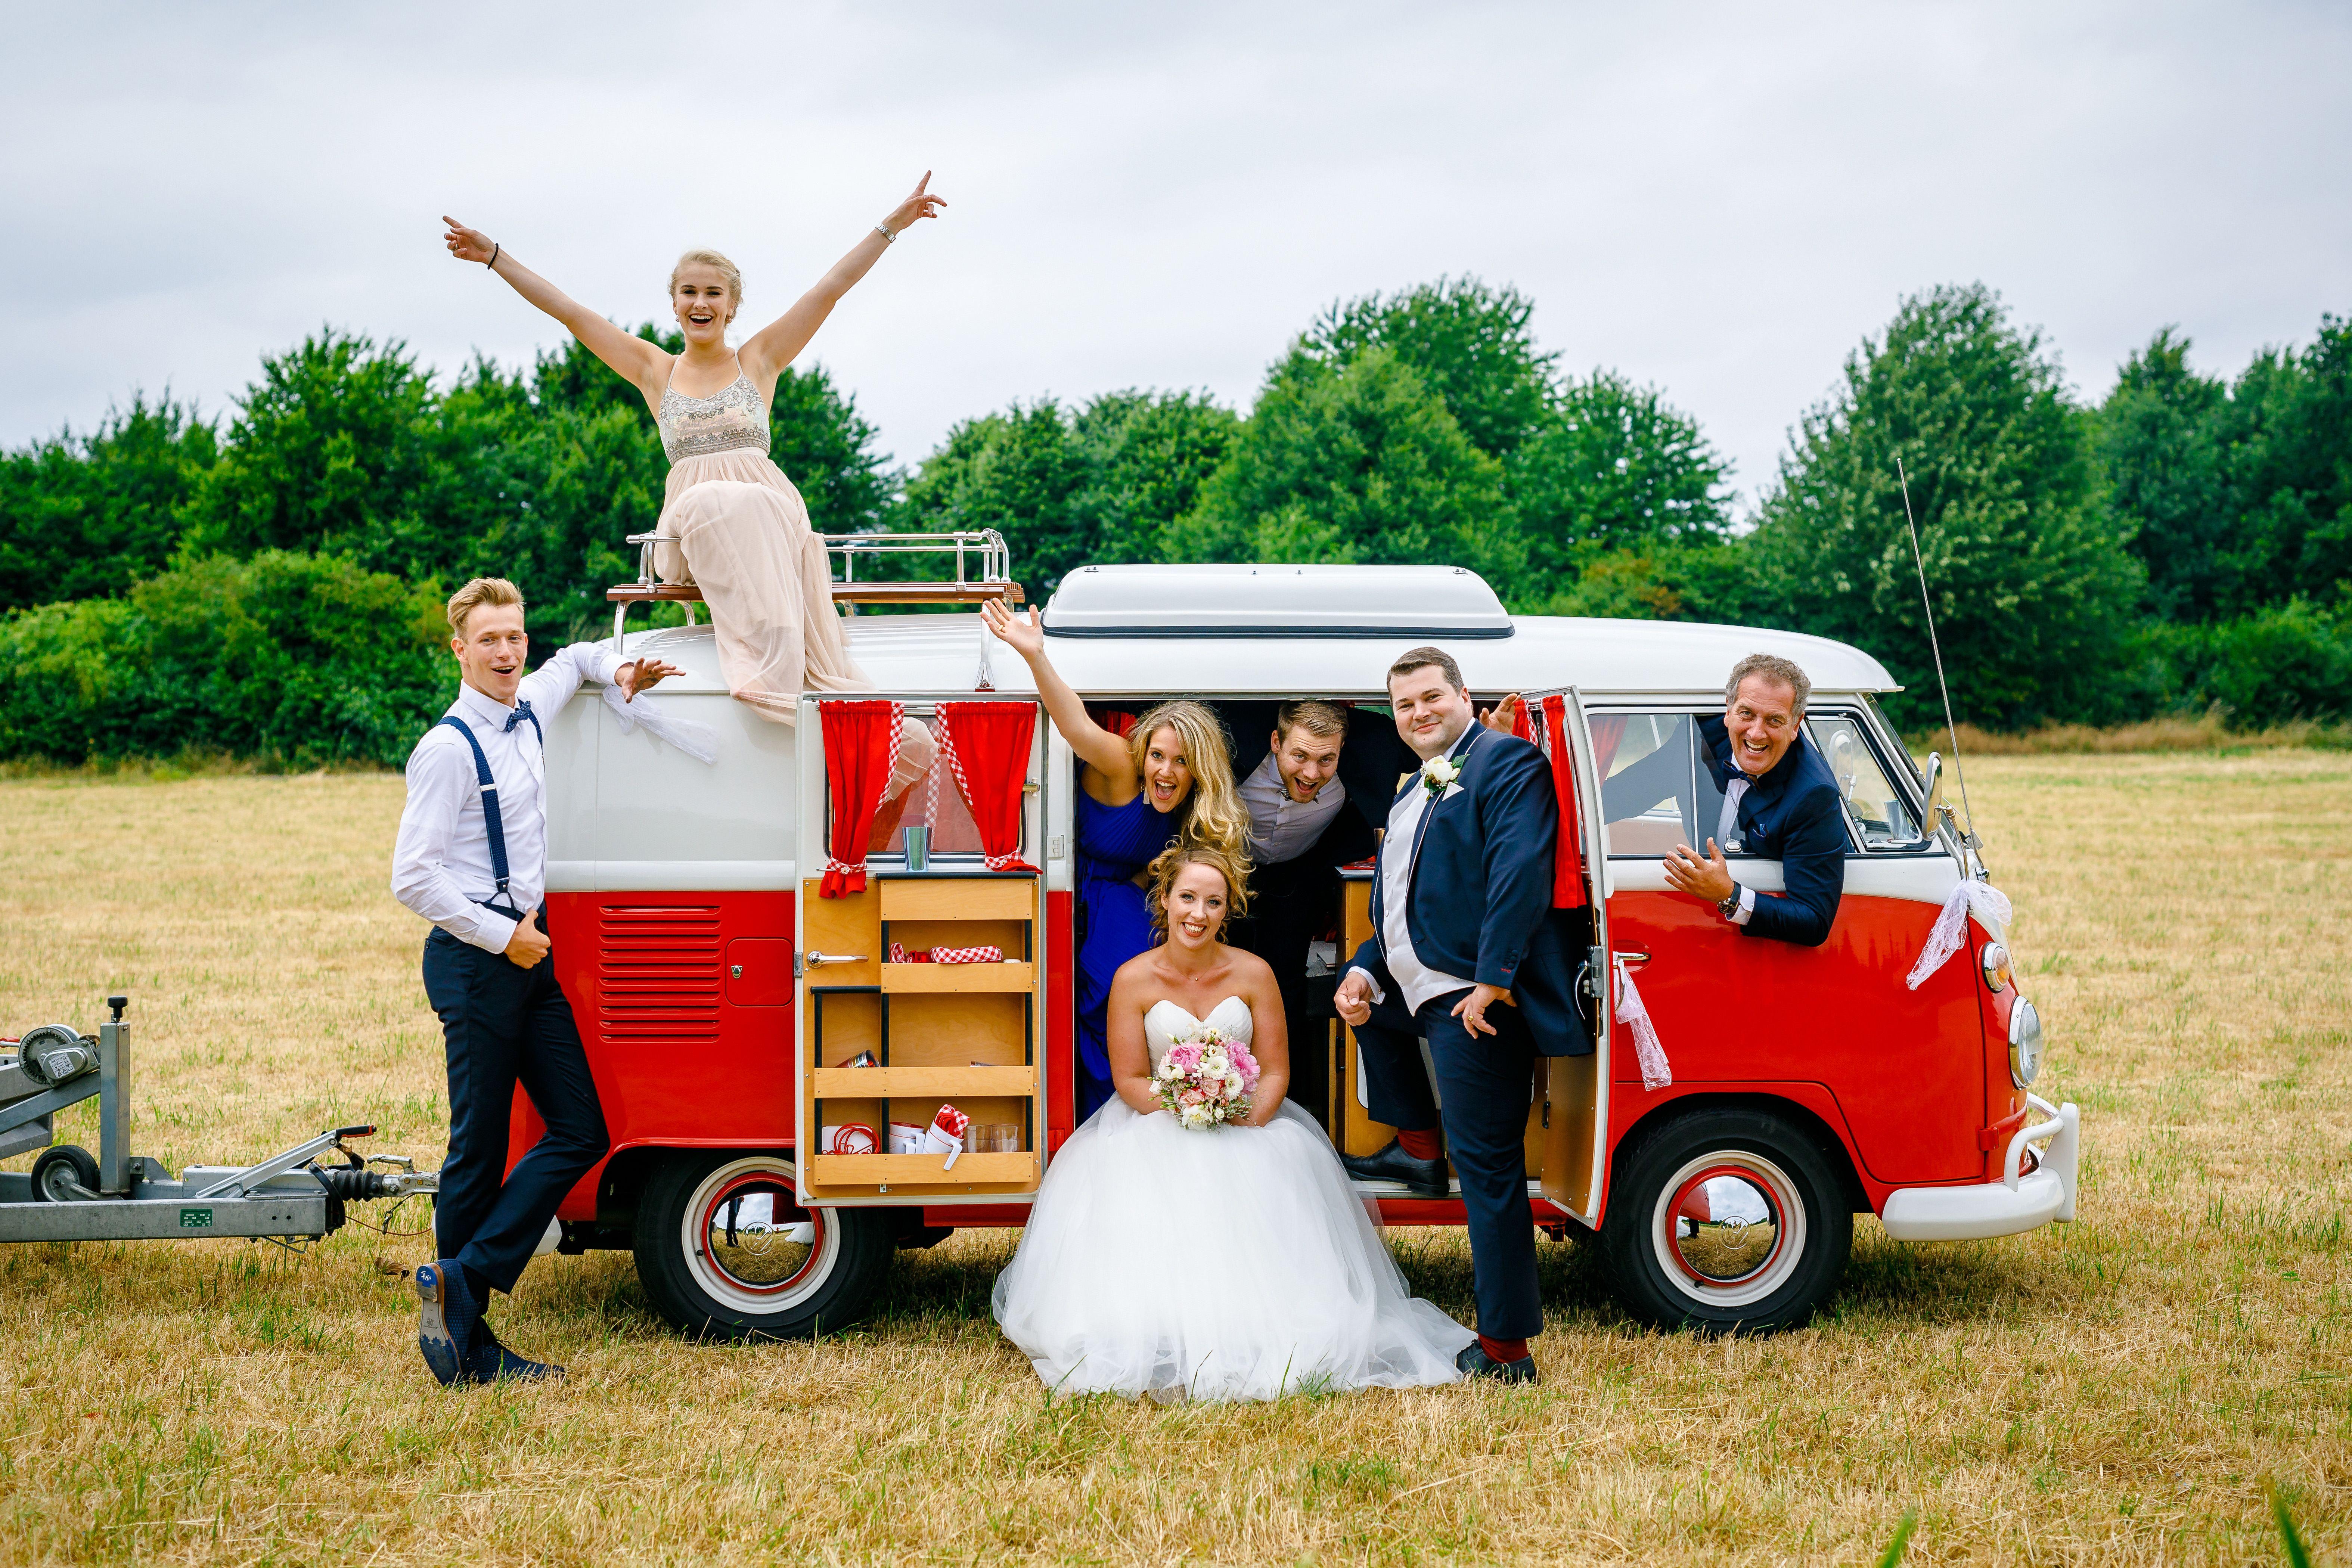 Tolle Hochzeitskutsche Mit Kutscher Und Brautpaar Aus Metall 19 Cm